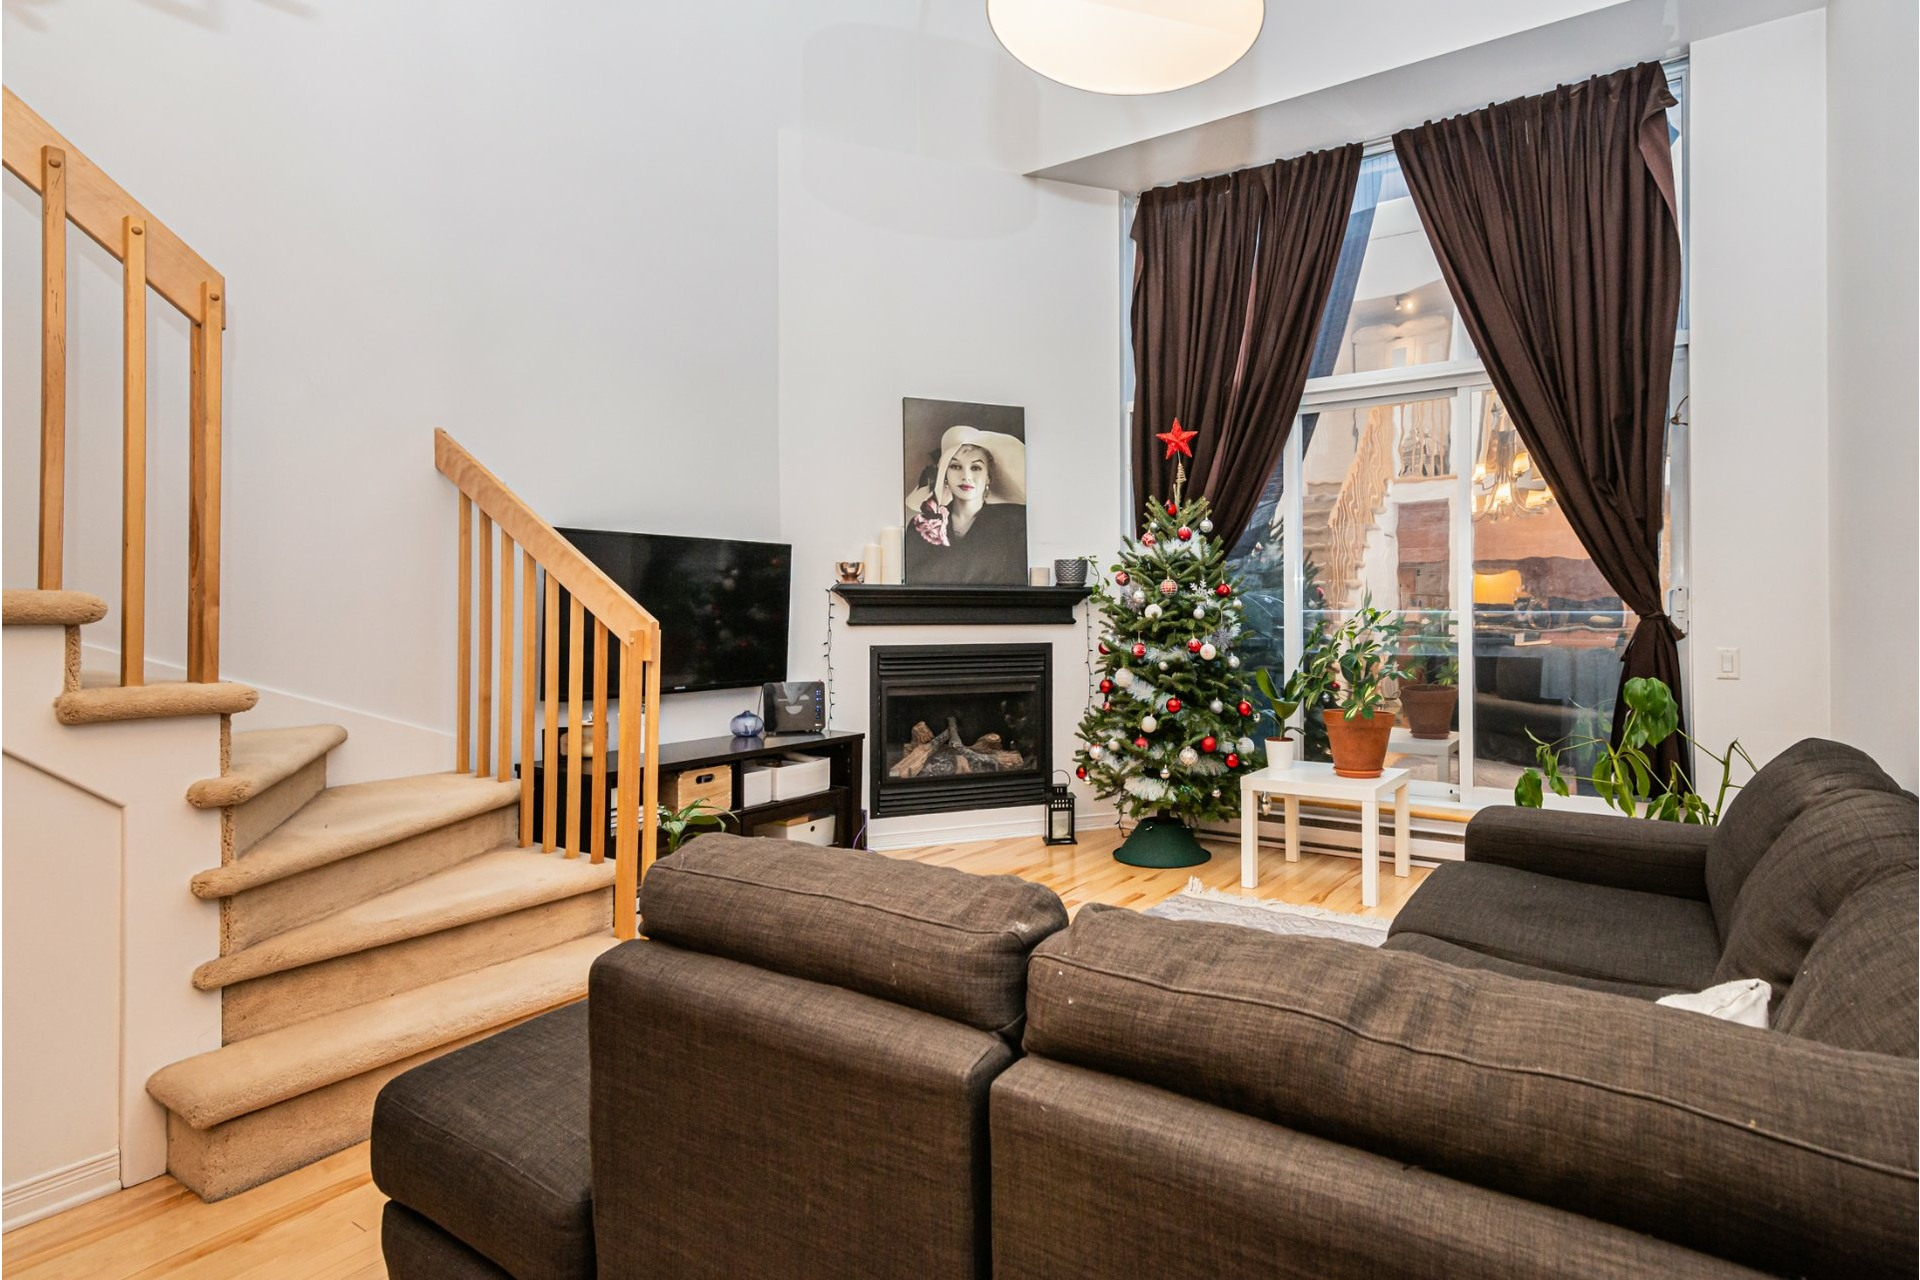 image 2 - Apartment For sale Lachine Montréal  - 5 rooms